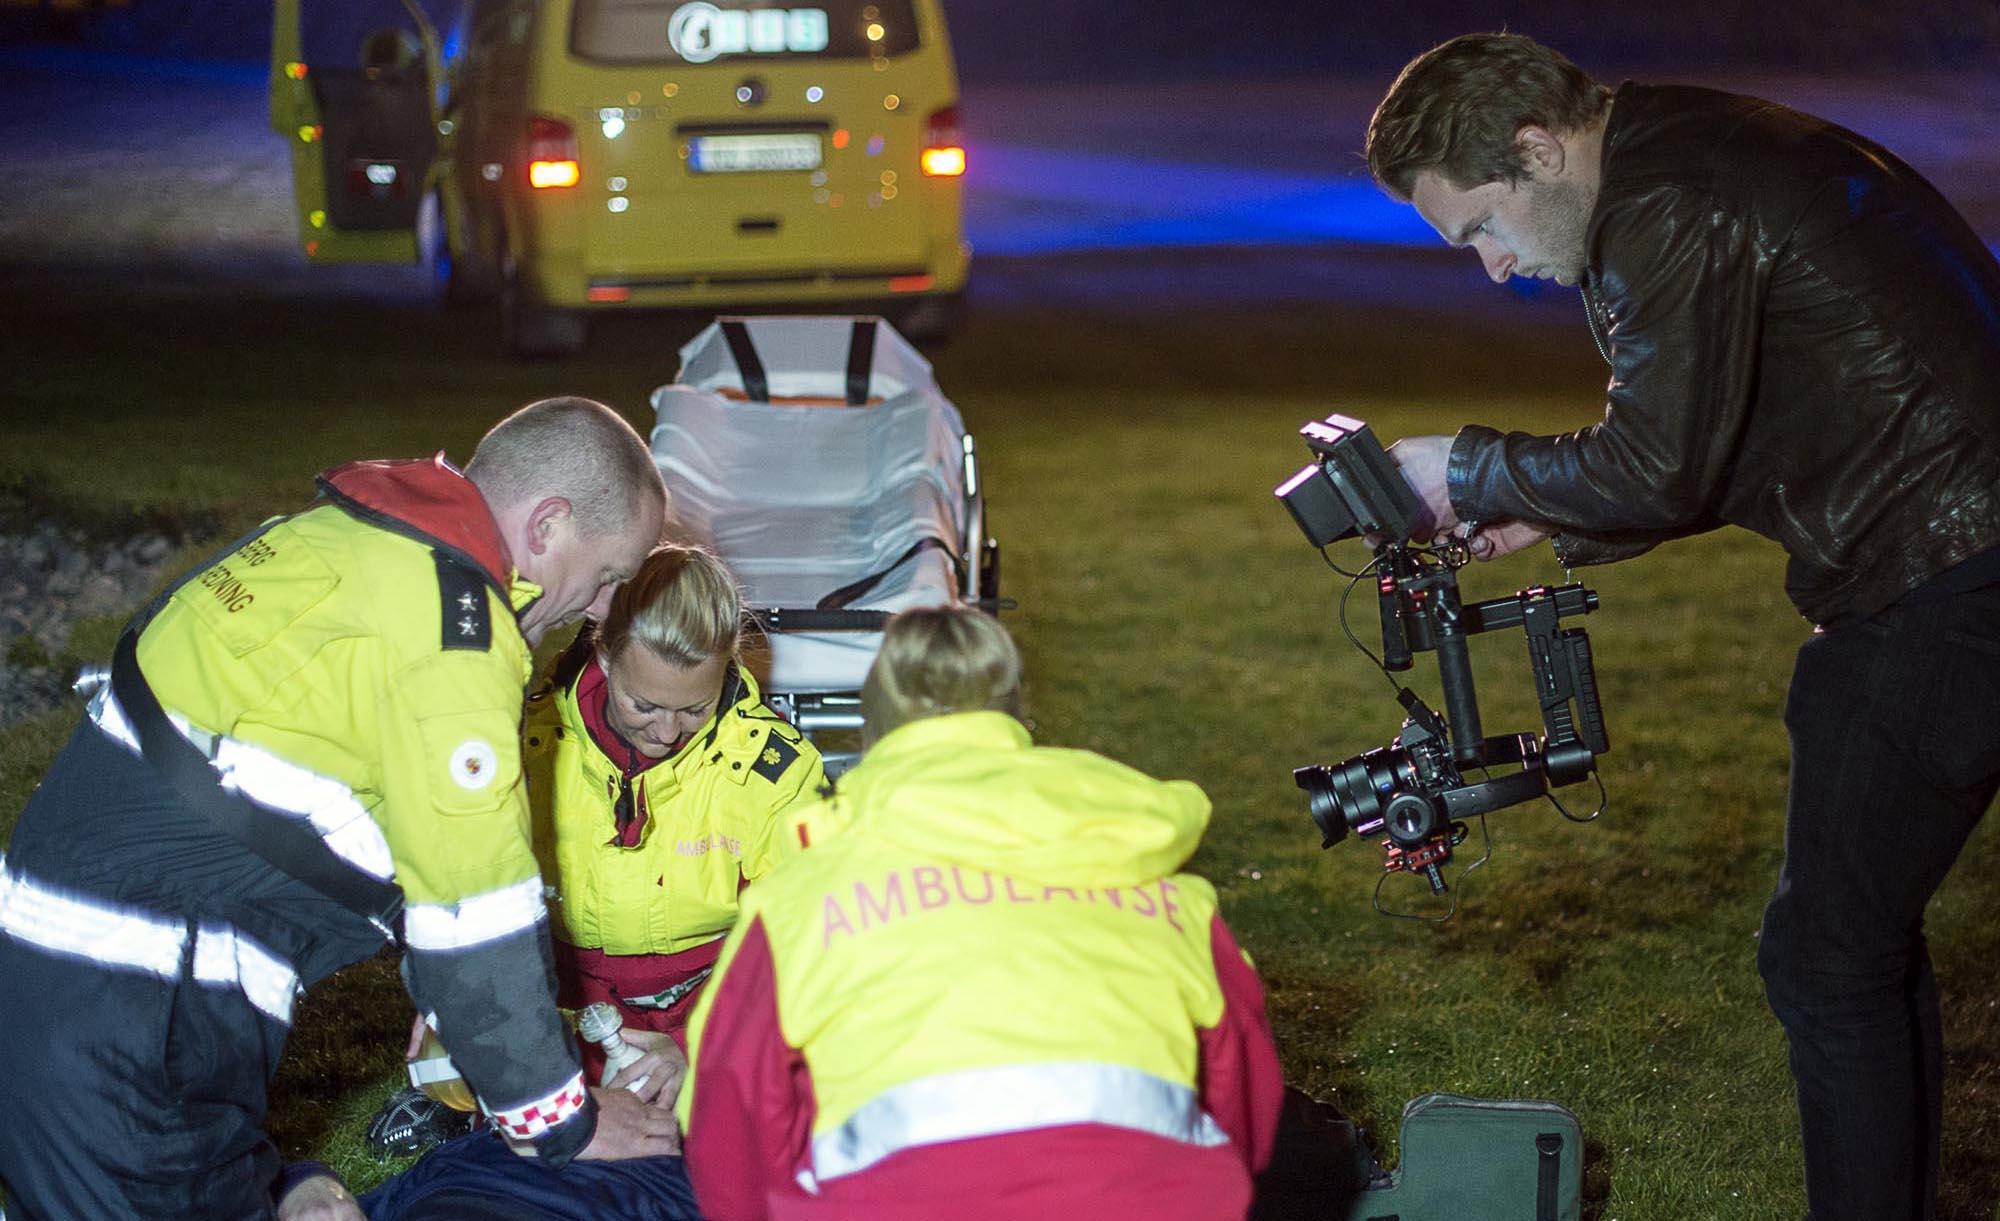 Magnus Bjørnnes i aksjon med opptak for Dykkertjenesten. Foto: Bjørn Isaksen/3600.no